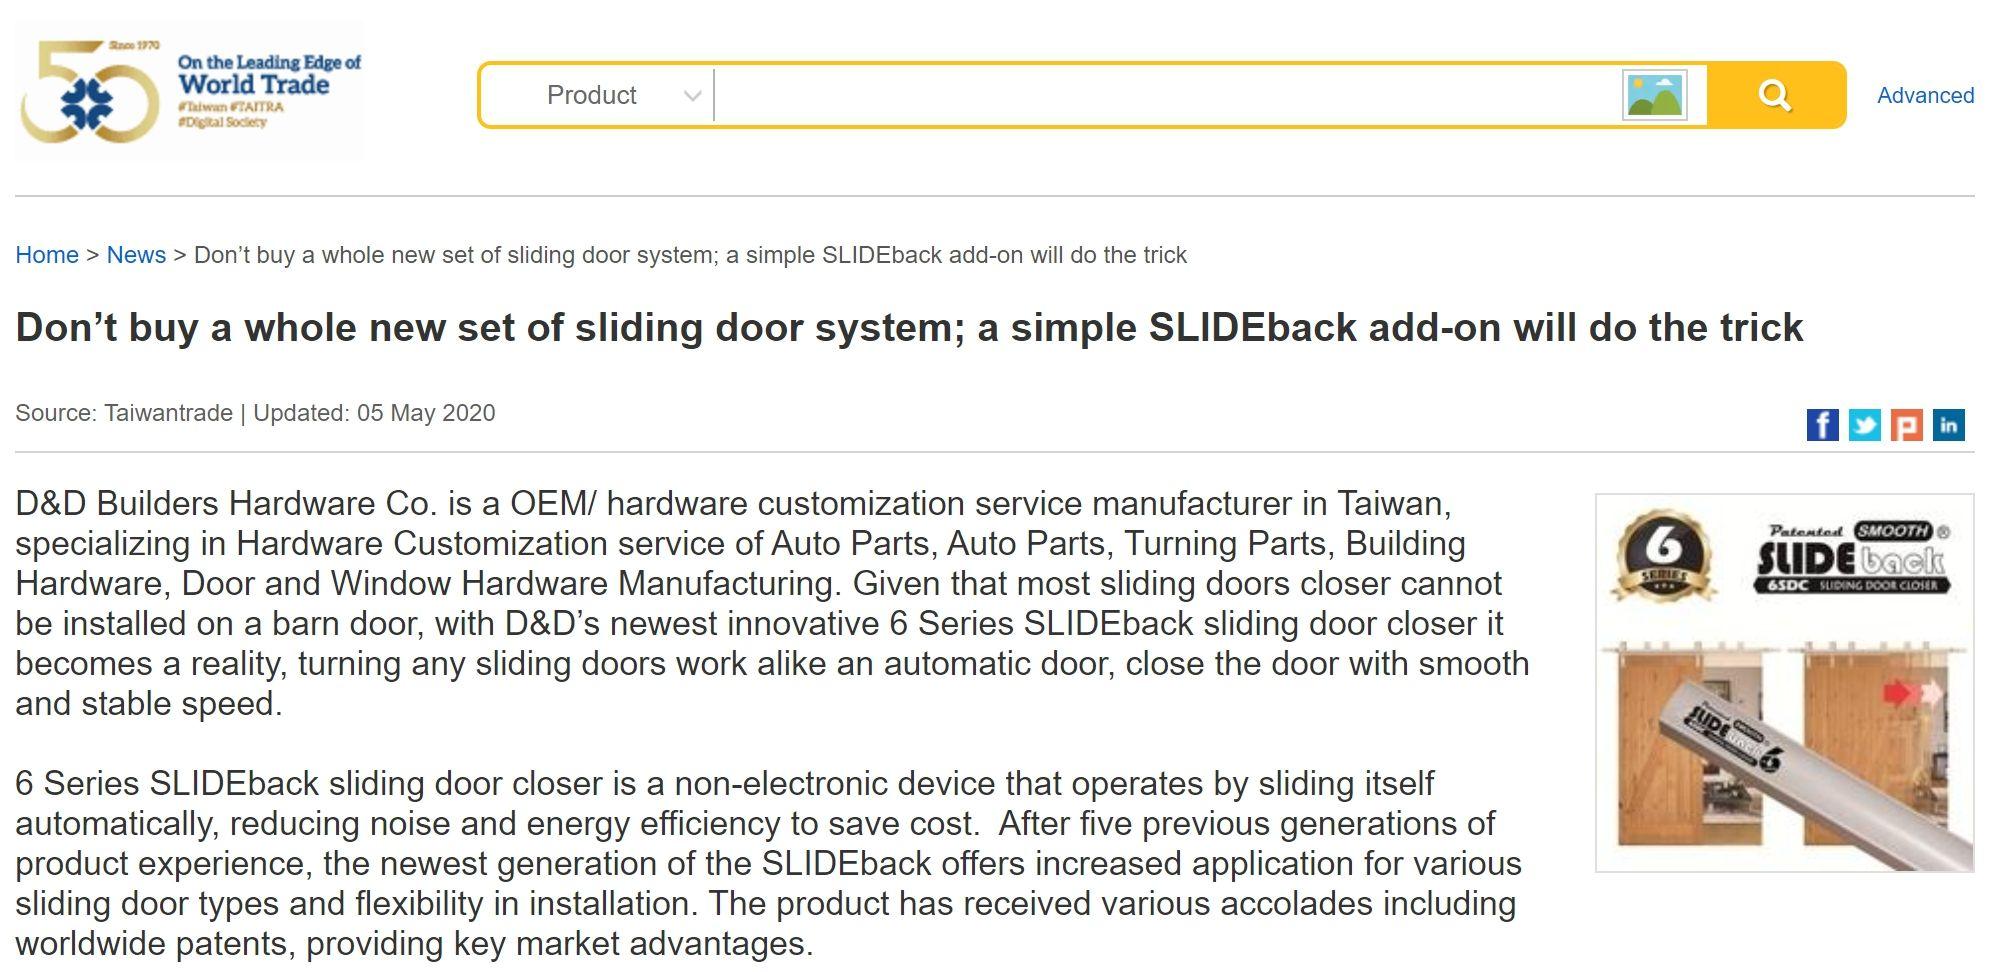 Notícias de nosso produto mais recente - 6 Series      SLIDEback porta deslizante mais perto no comércio de Taiwan - 6 séries      SLIDEback porta deslizante mais perto no comércio de Taiwan